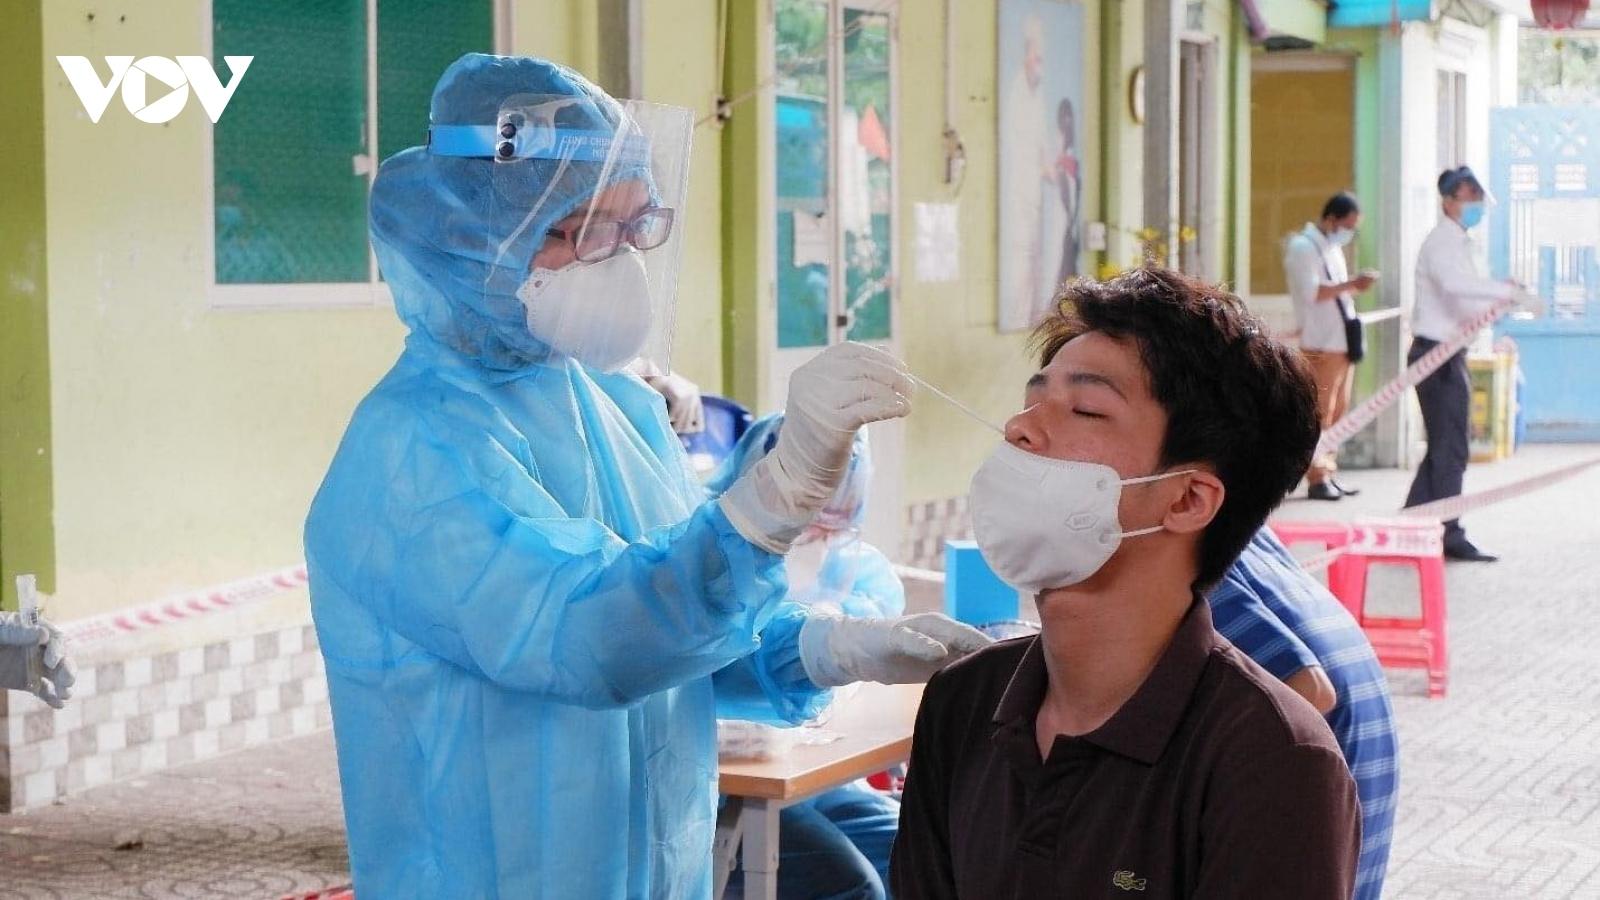 Bí thư Thành ủy TPHCM: Tìm thêm các điểm nguy cơđể ngănchặn lây lan dịch bệnh sớm nhất